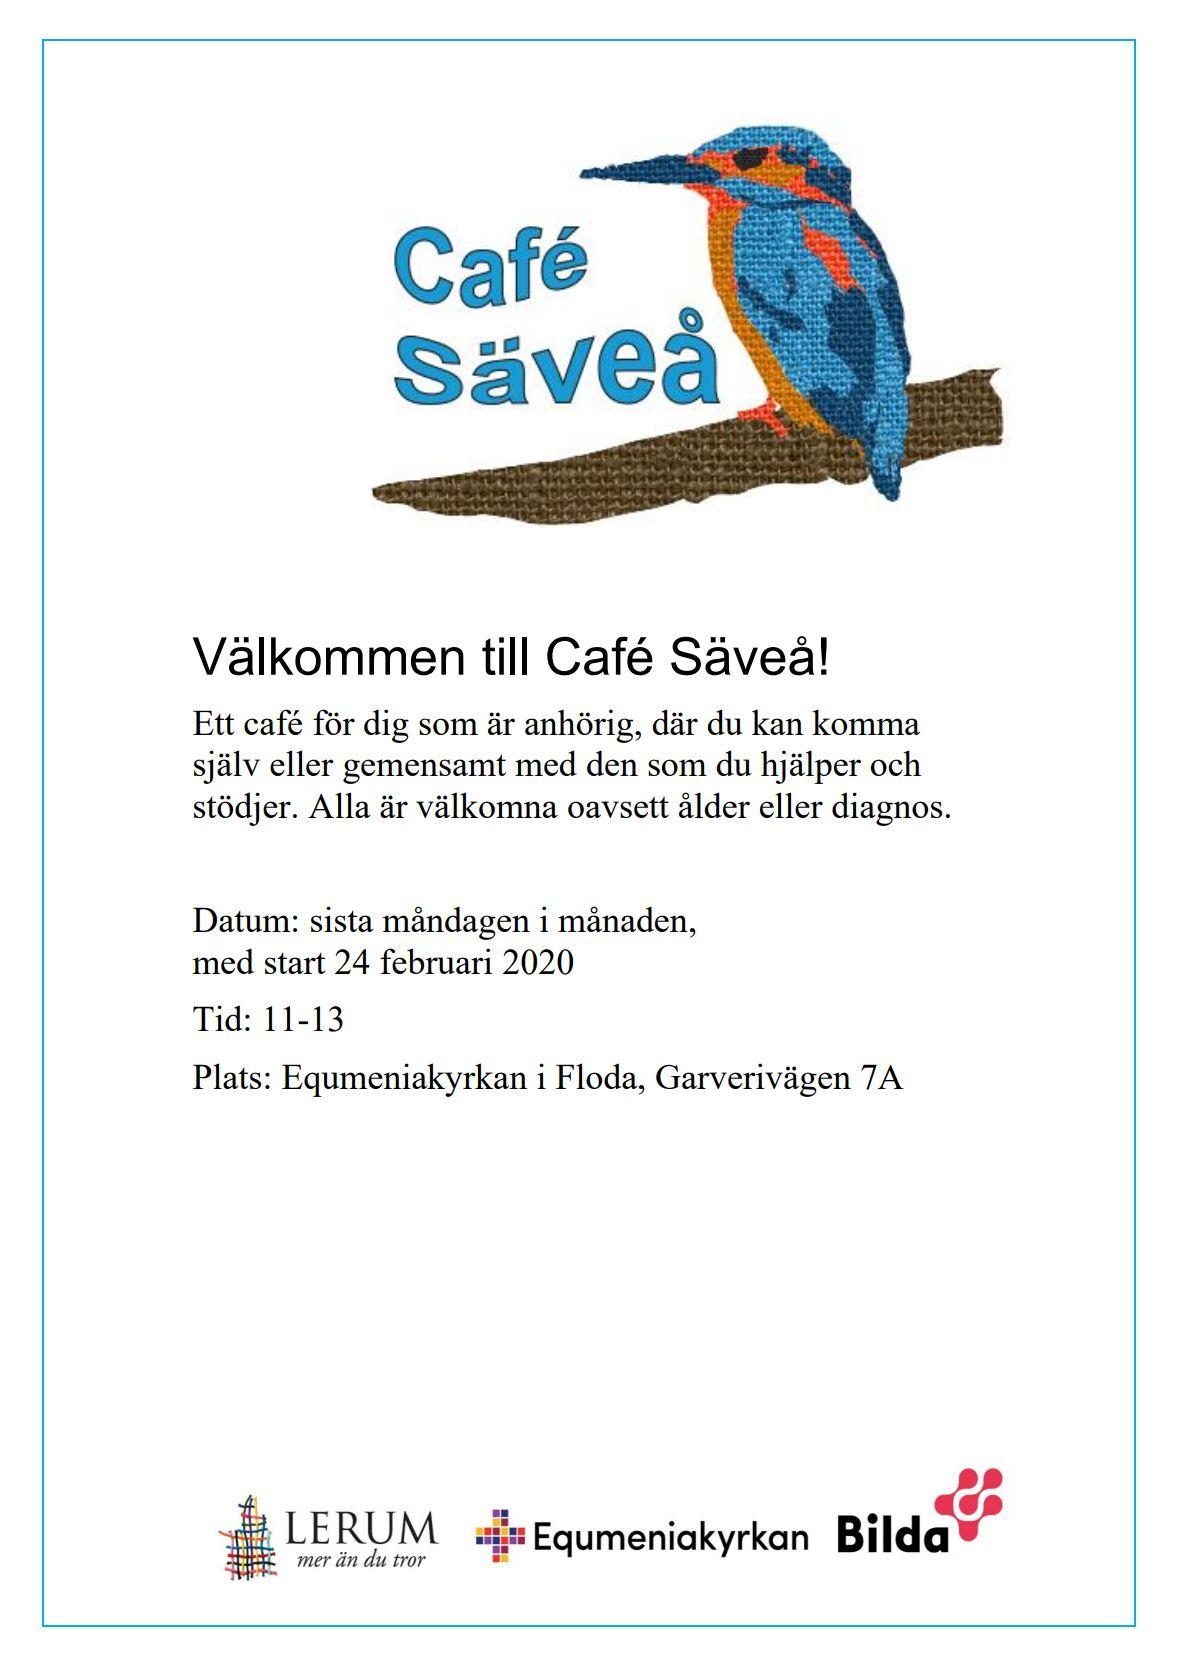 Inställt! Café Säveå @ Equmeniakyrkan Floda